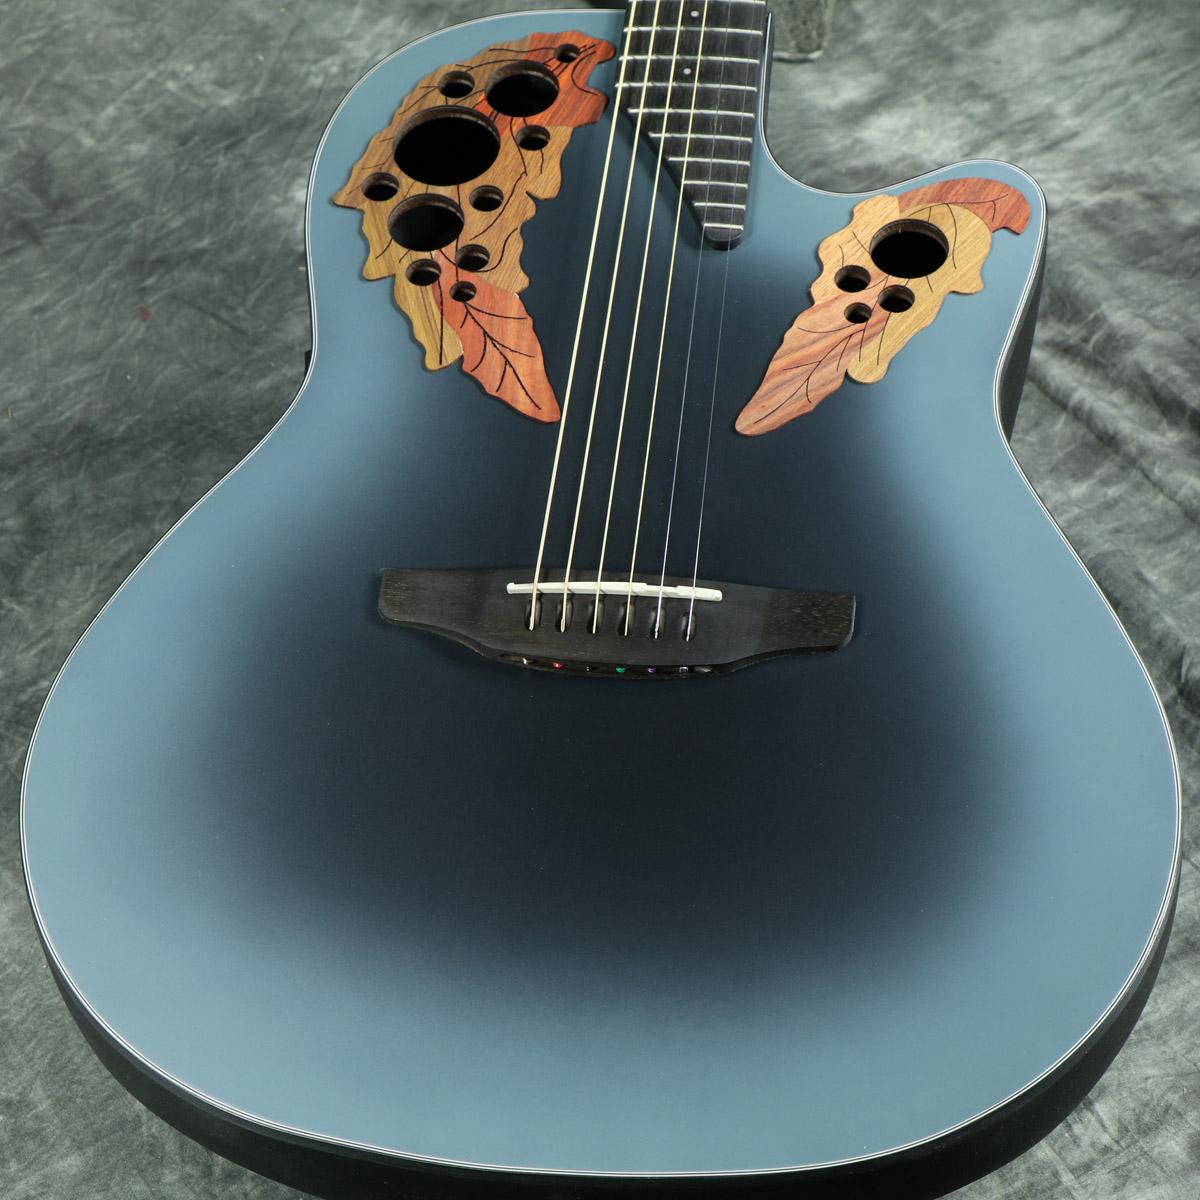 アダマスを髣髴とさせるセレブリティの限定モデル 在庫有り Ovation Celebrity Elite CE44-RBB Reverse Blue アコースティックギター 人気商品 《プレゼントあり CE-44 Burst エレアコ セレブリティ オベーション 正規品送料無料 +set79094》